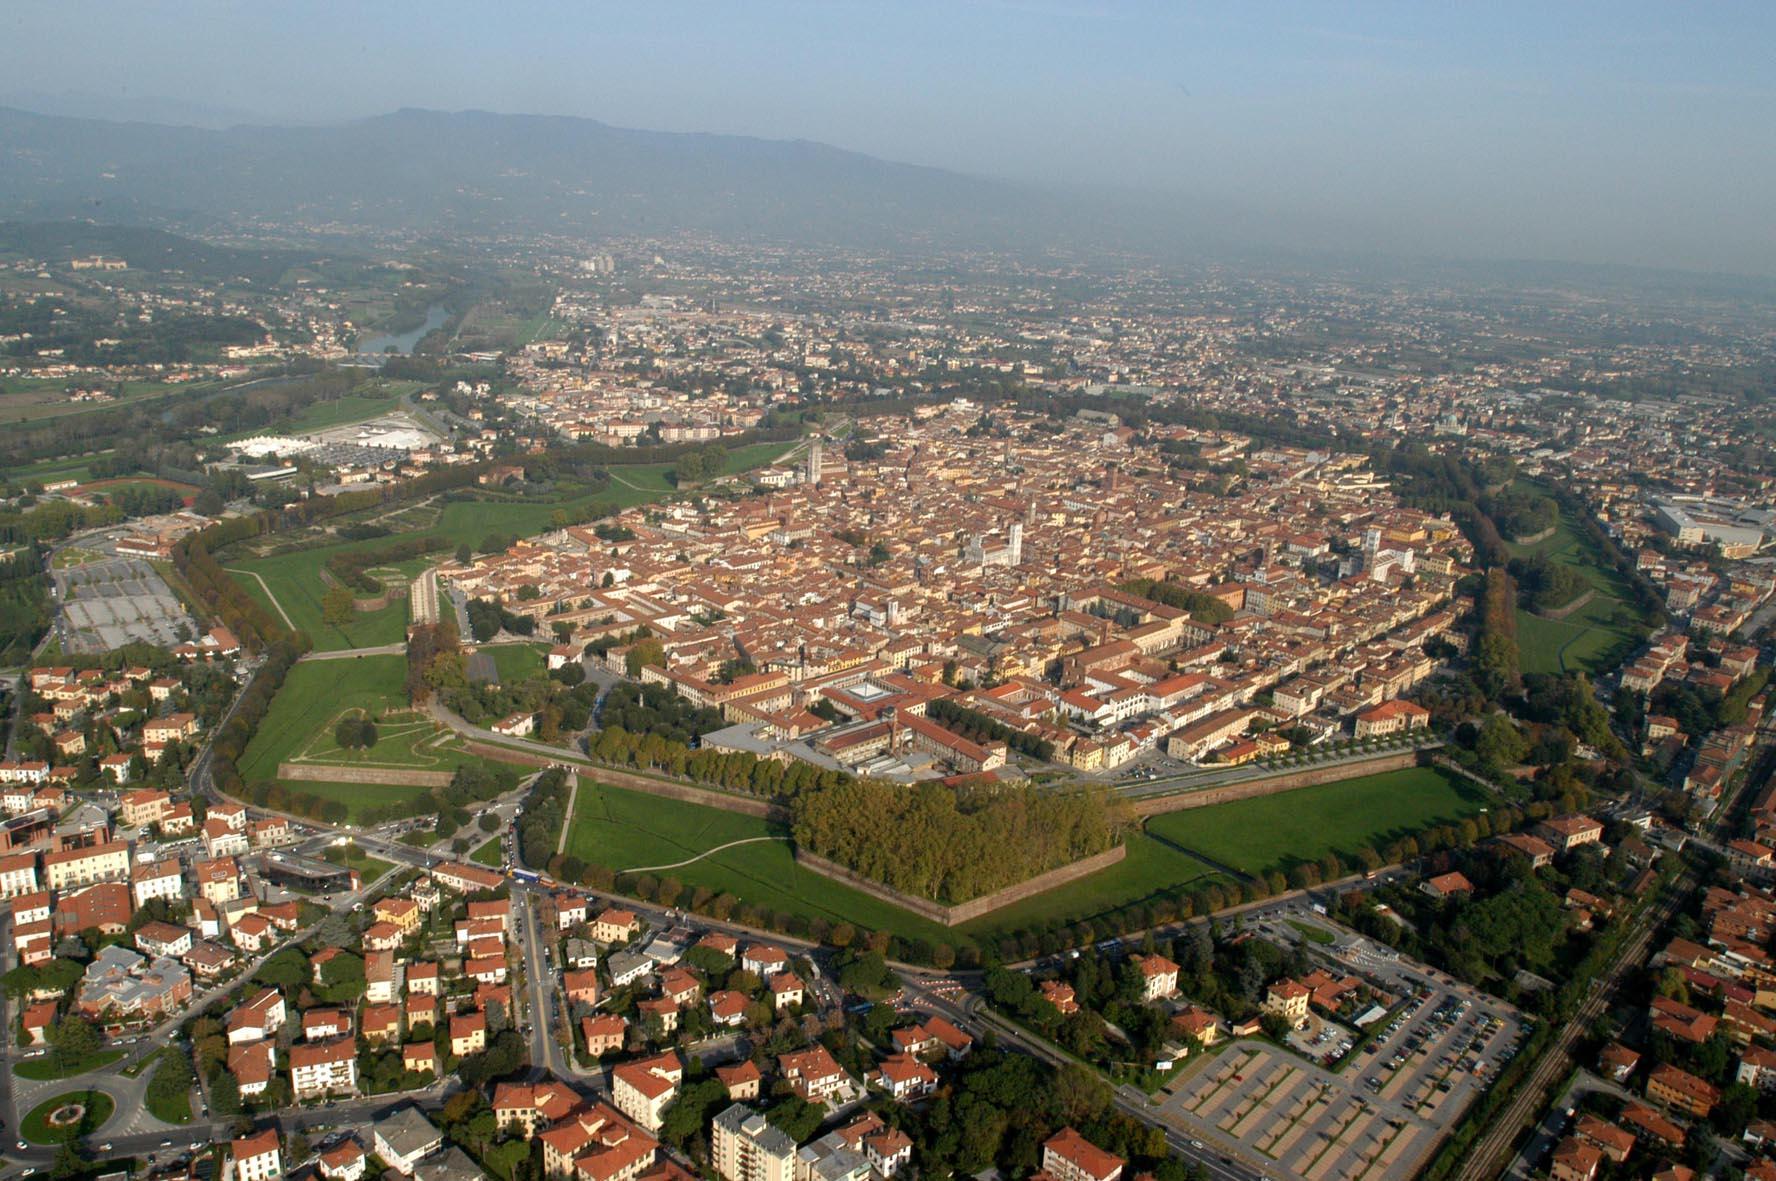 Lucca come un diamante nella natura